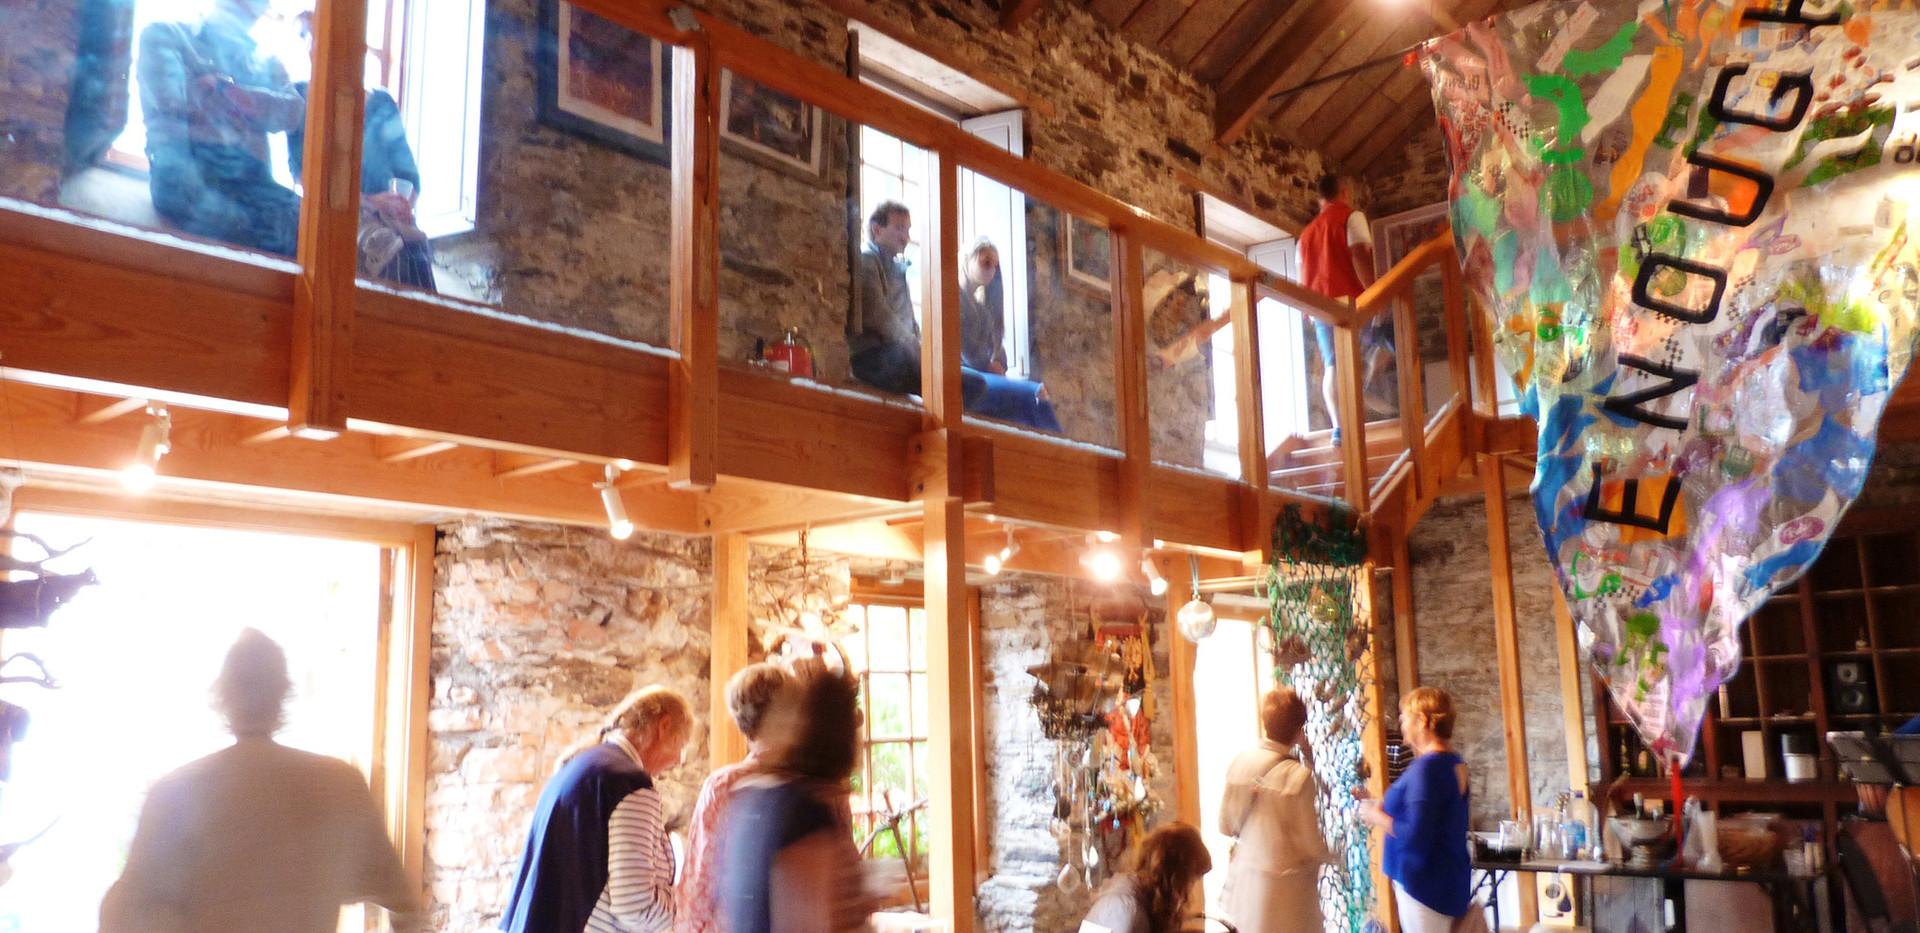 Boatyard exhibition Bantry